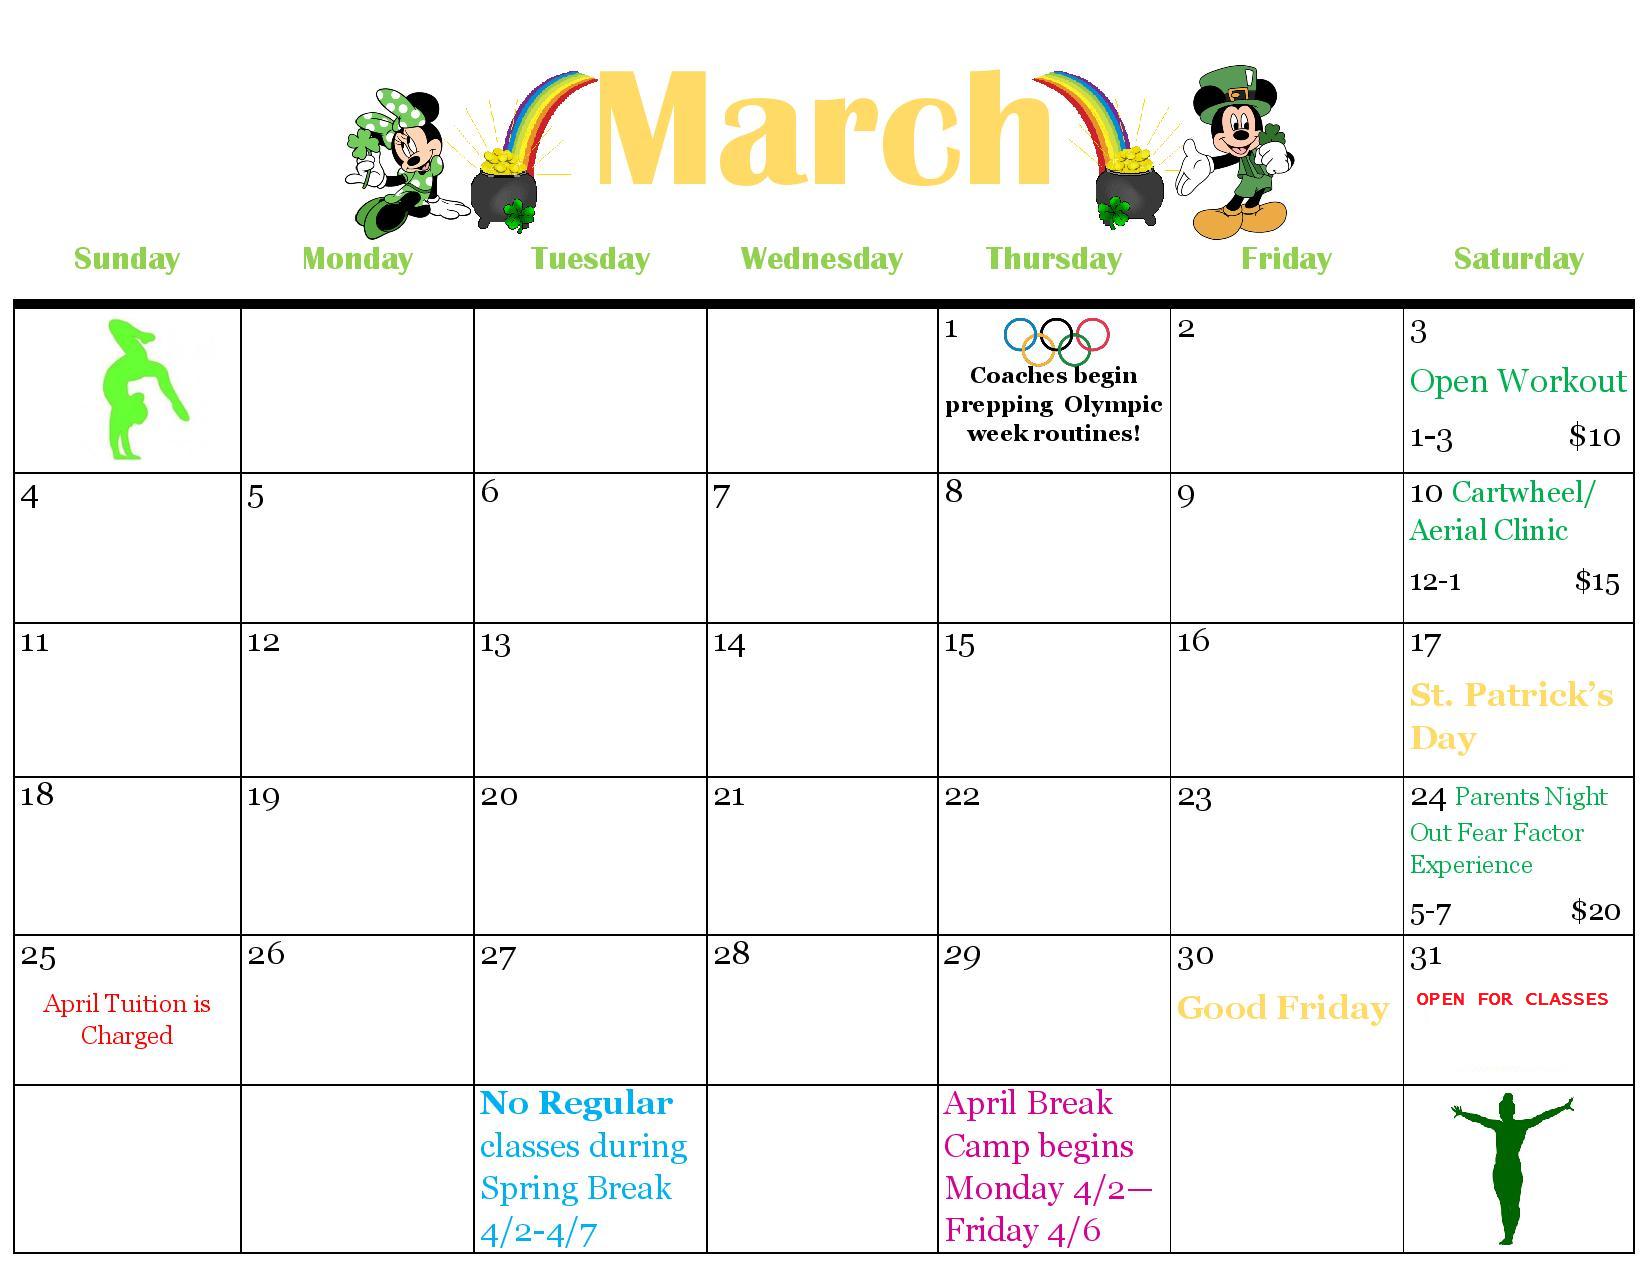 rotterdam-schenectady-gymnastics-march-2018-calendar